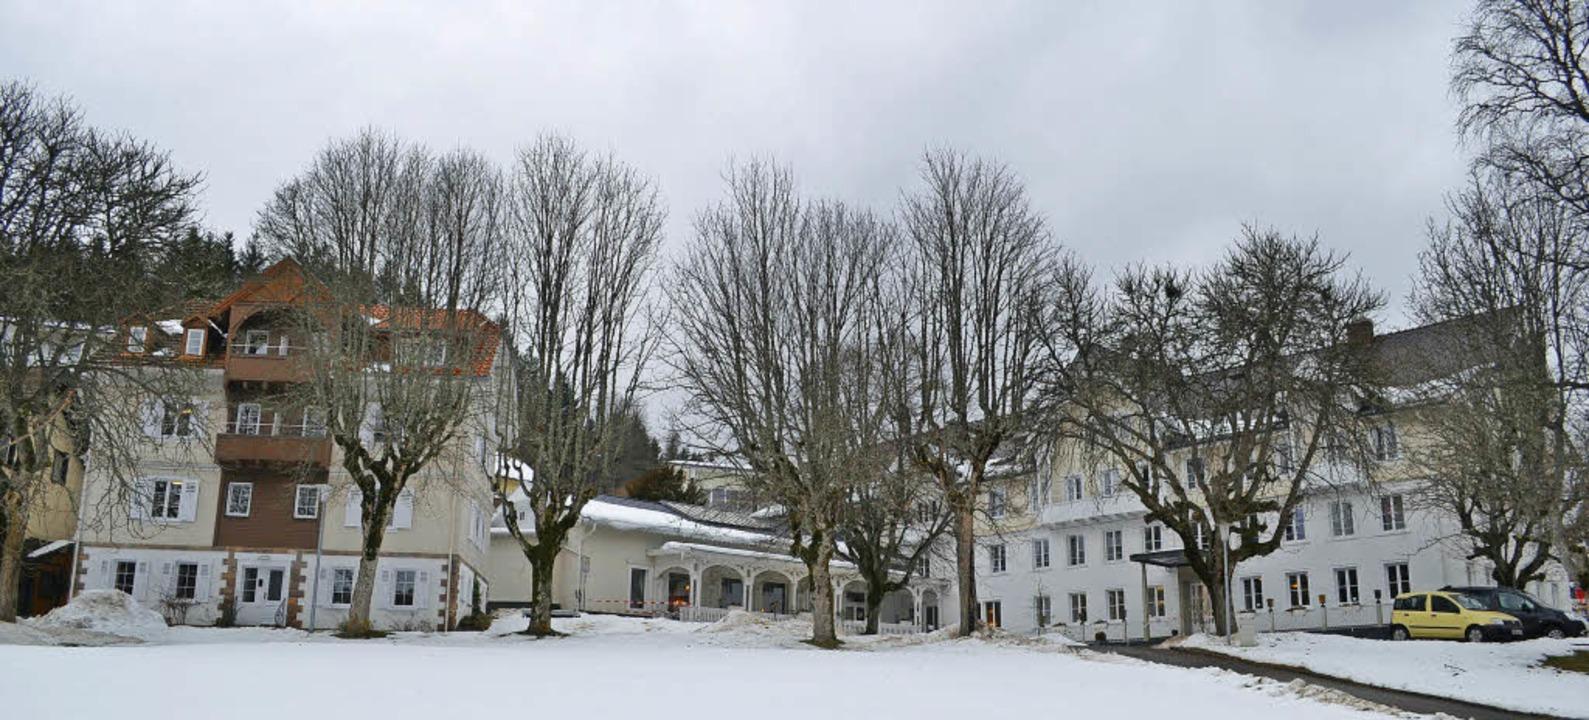 Die Klinik Friedenweiler  zählt zu den...rem Gefahrenpotential. Liane Schilling  | Foto: Liane Schilling